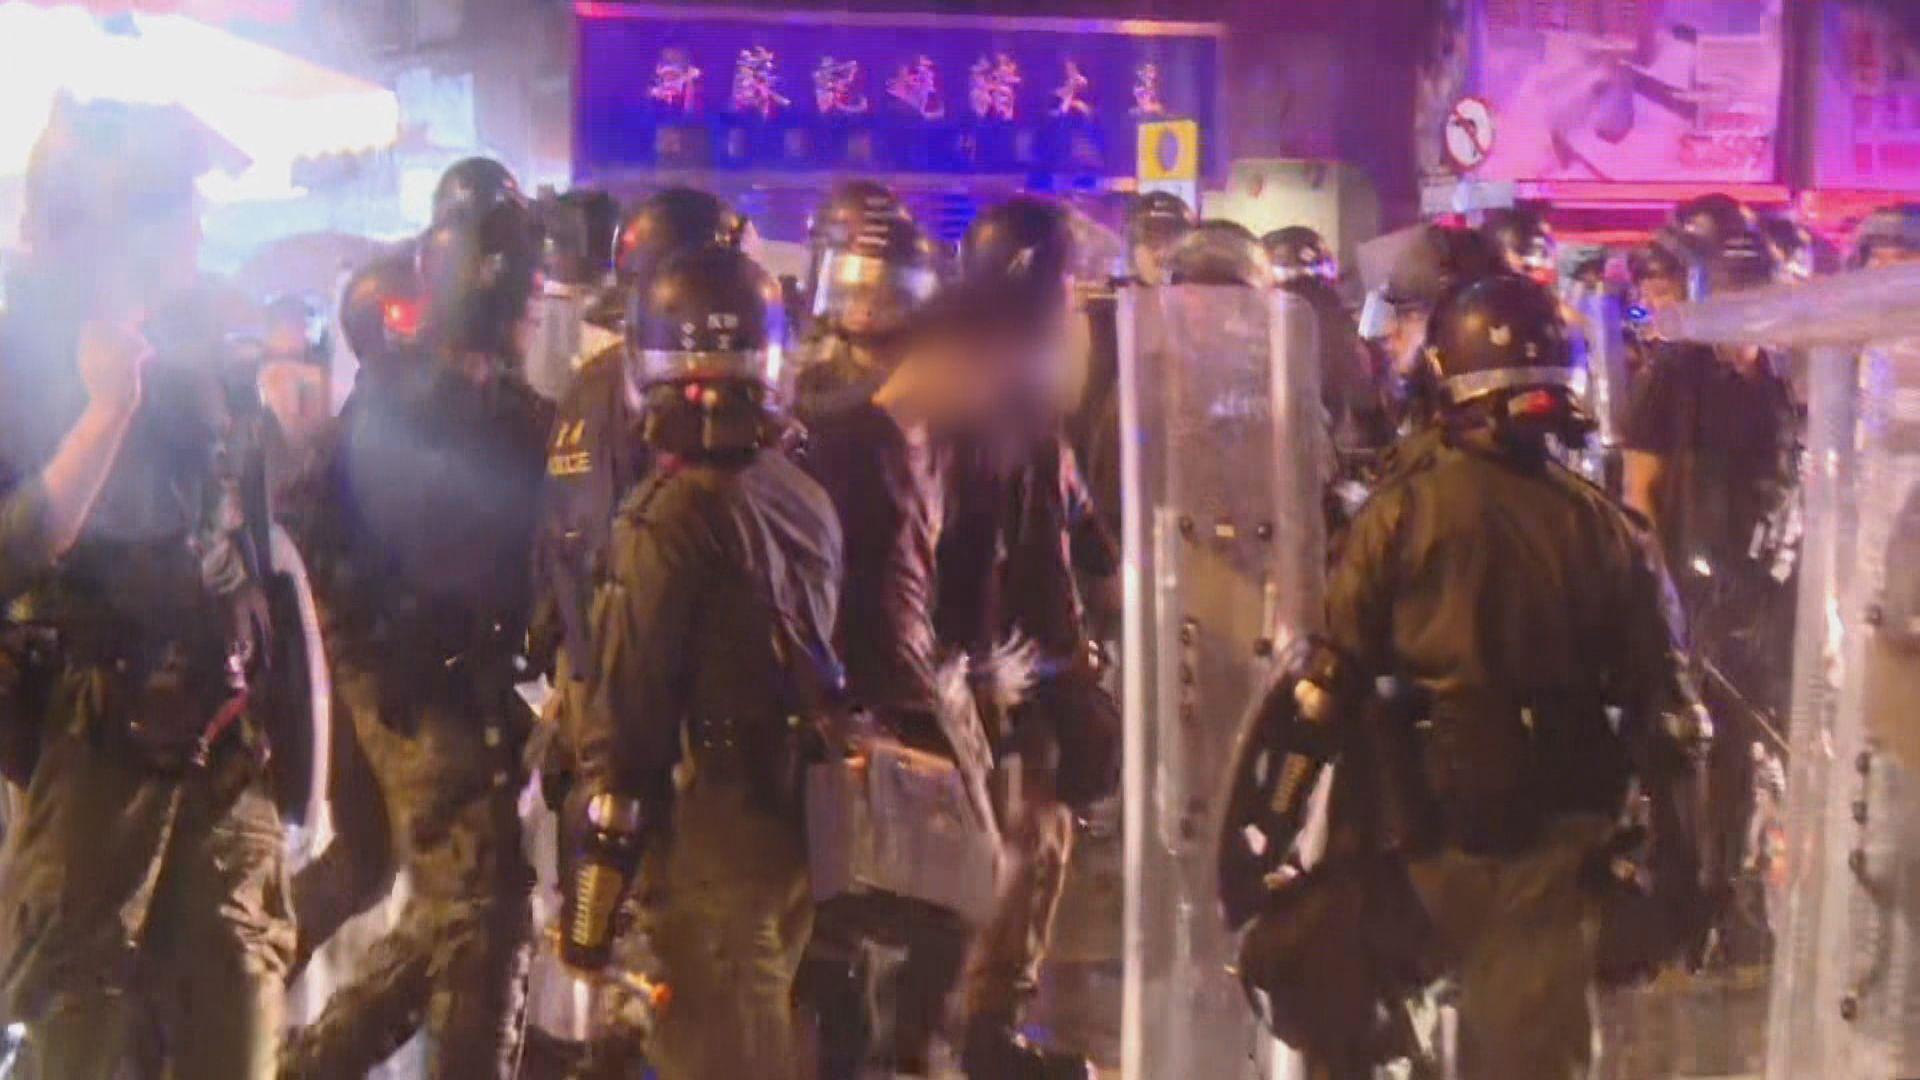 深水埗警署有示威者聚集 防暴警拘捕示威者